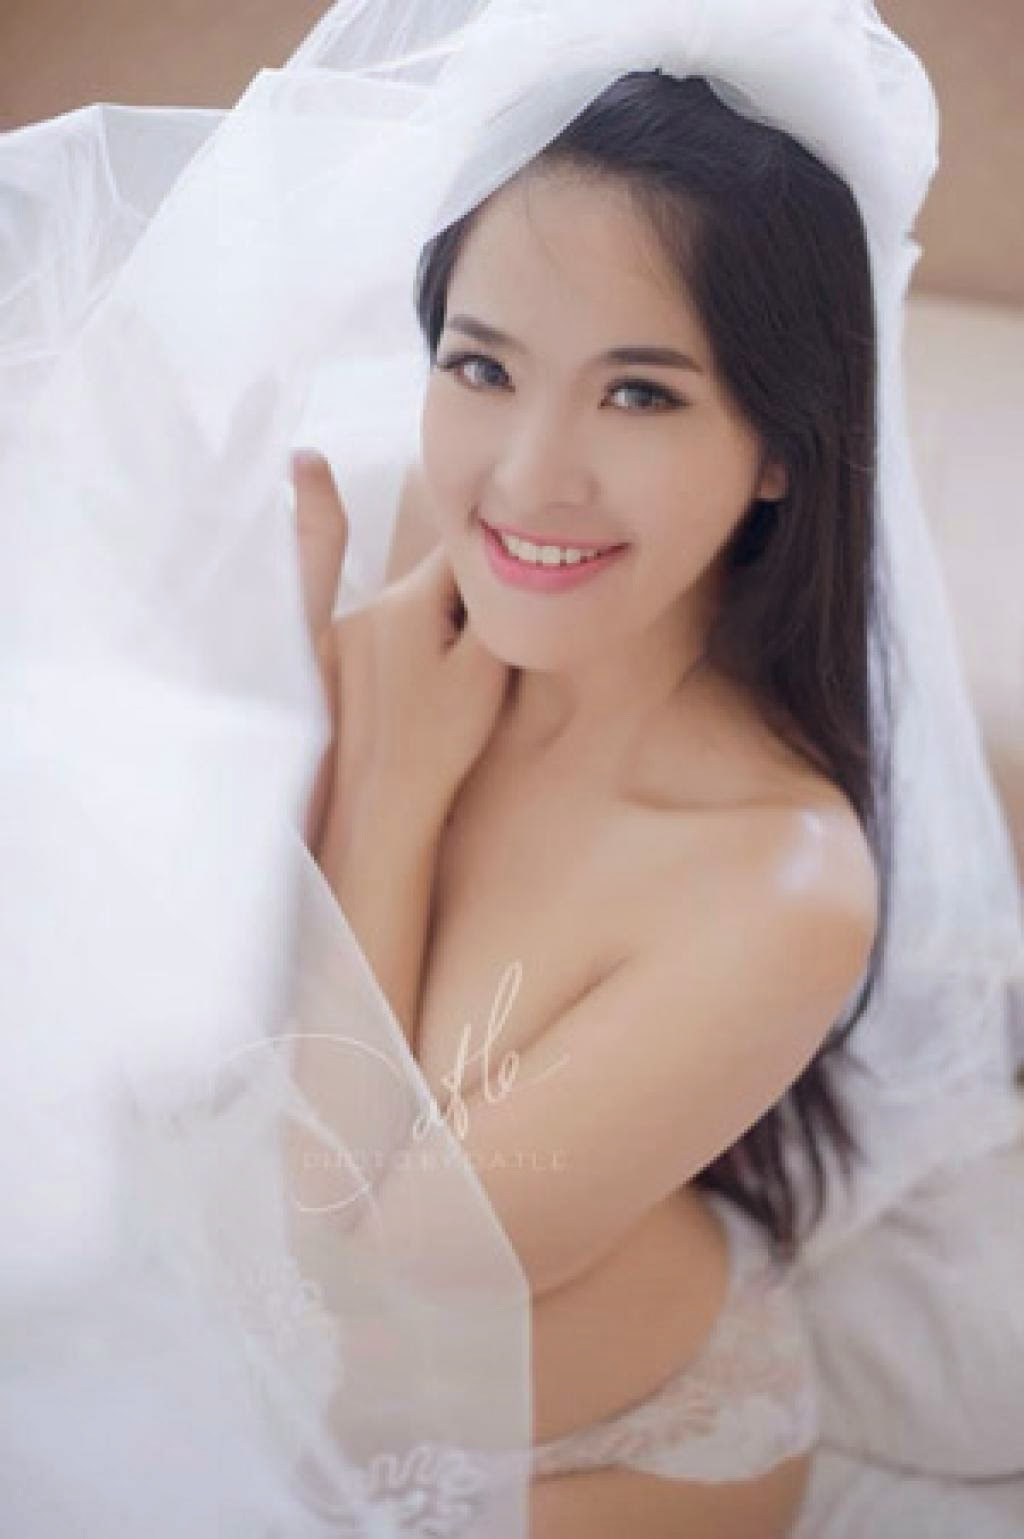 Ảnh gái xinh Việt khoe thân để nổi tiếng 24